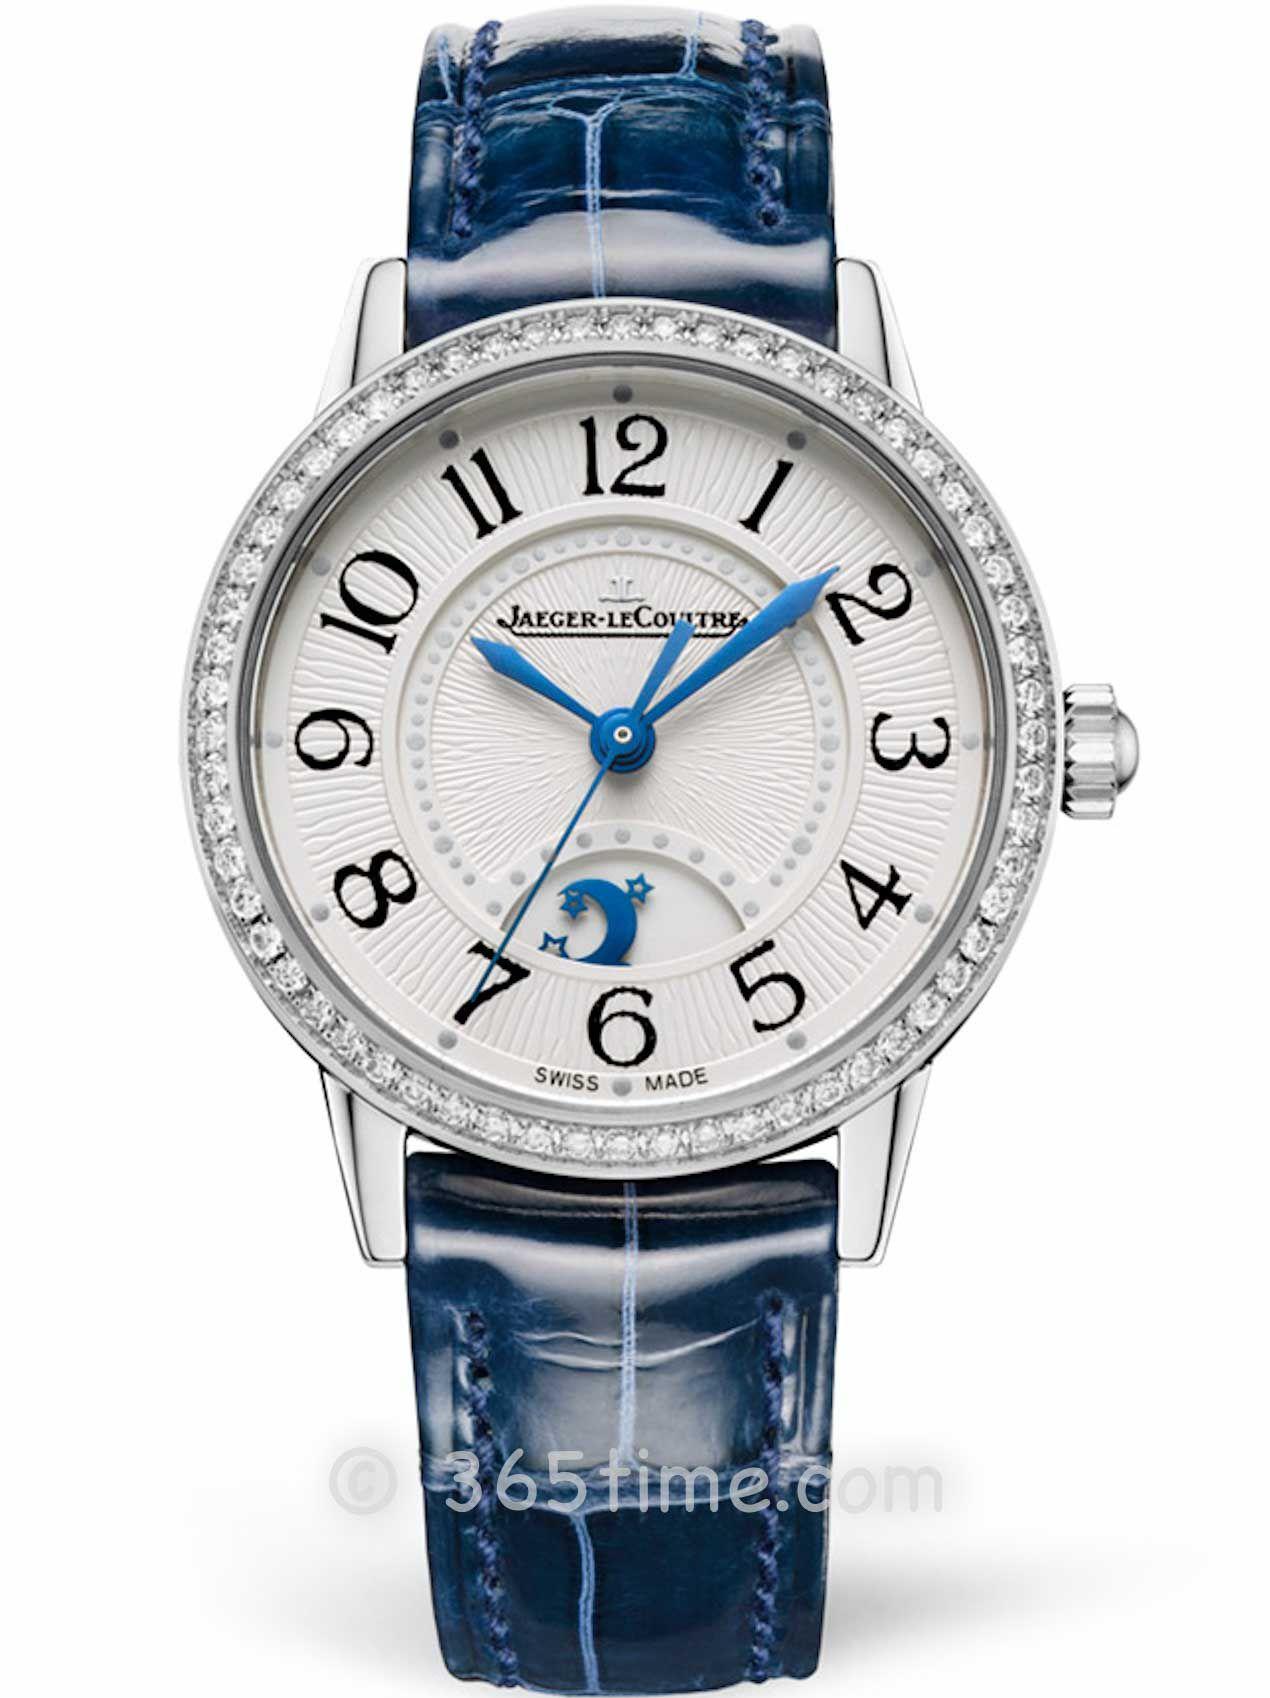 积家约会系列日夜显示腕表(小型款)3468430